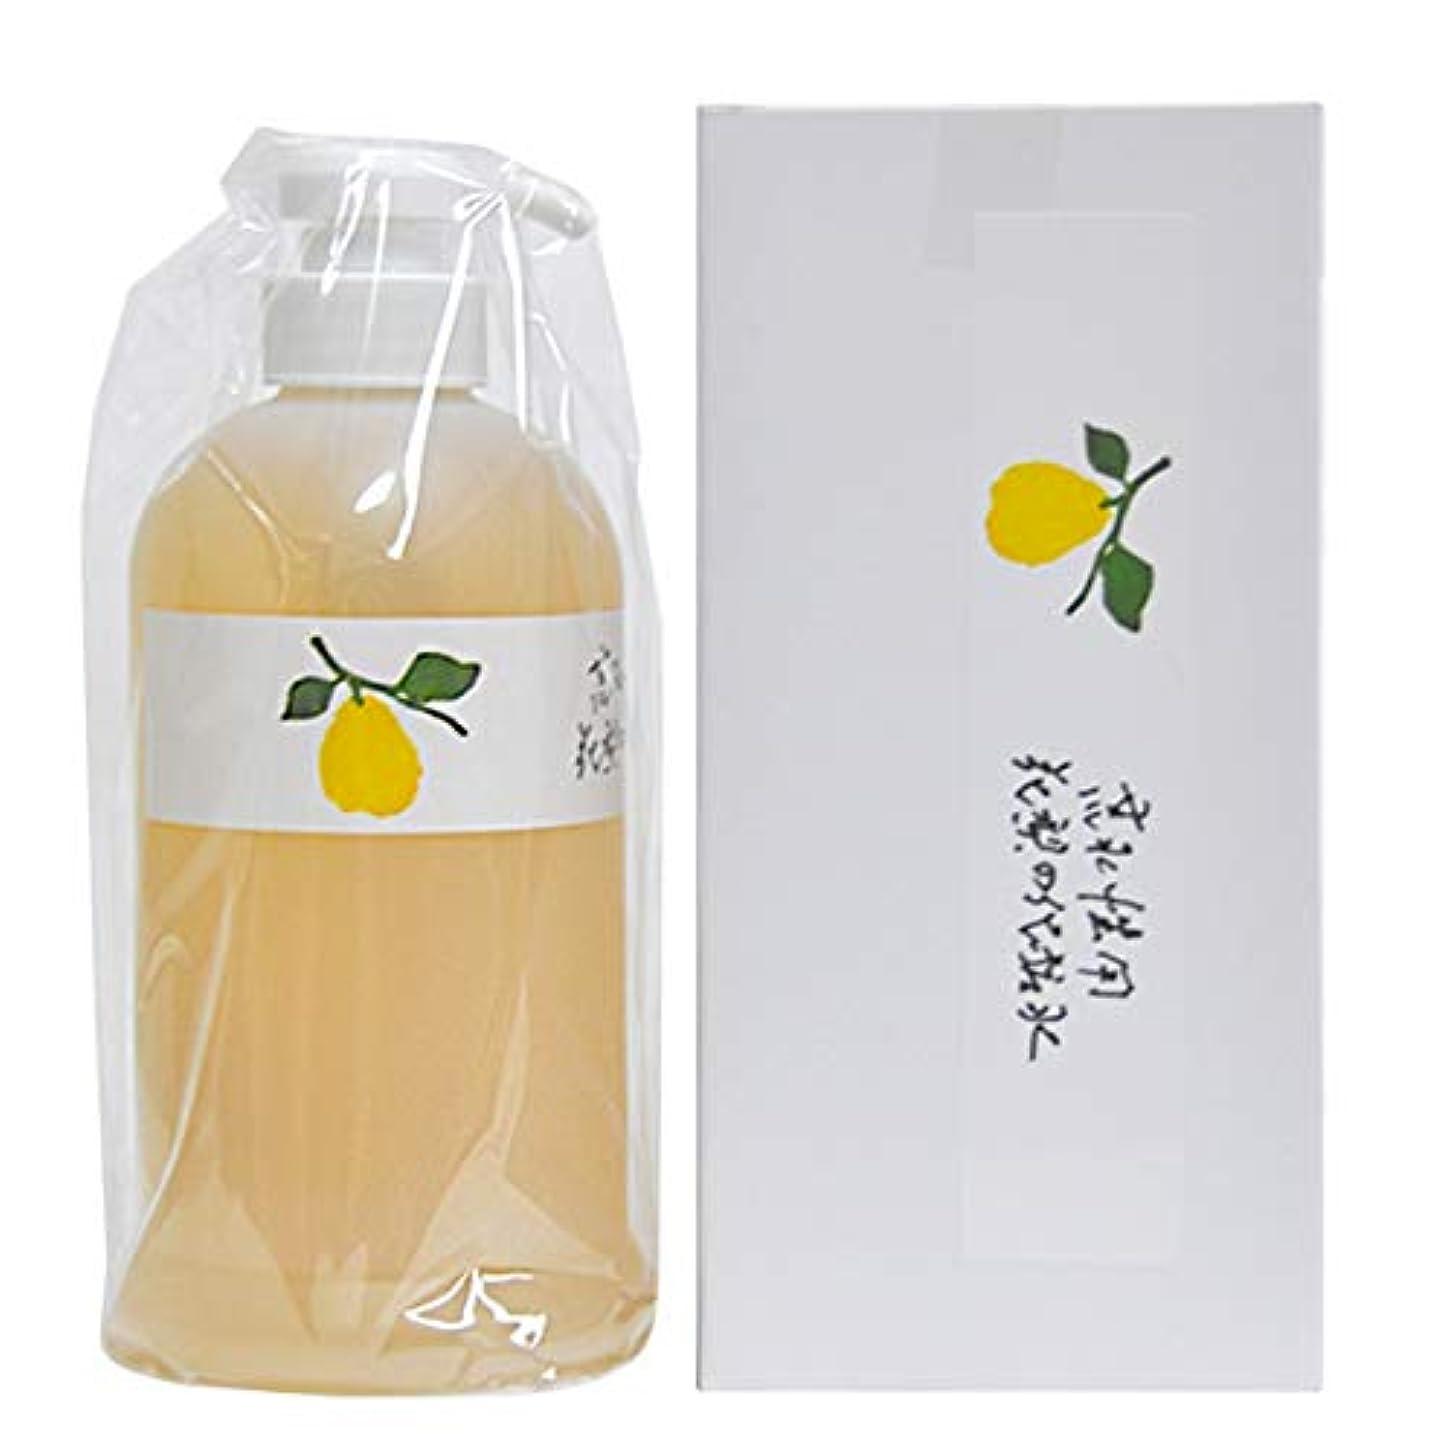 北東終点見出し花梨の化粧水 お徳用ホームサイズ 630ml